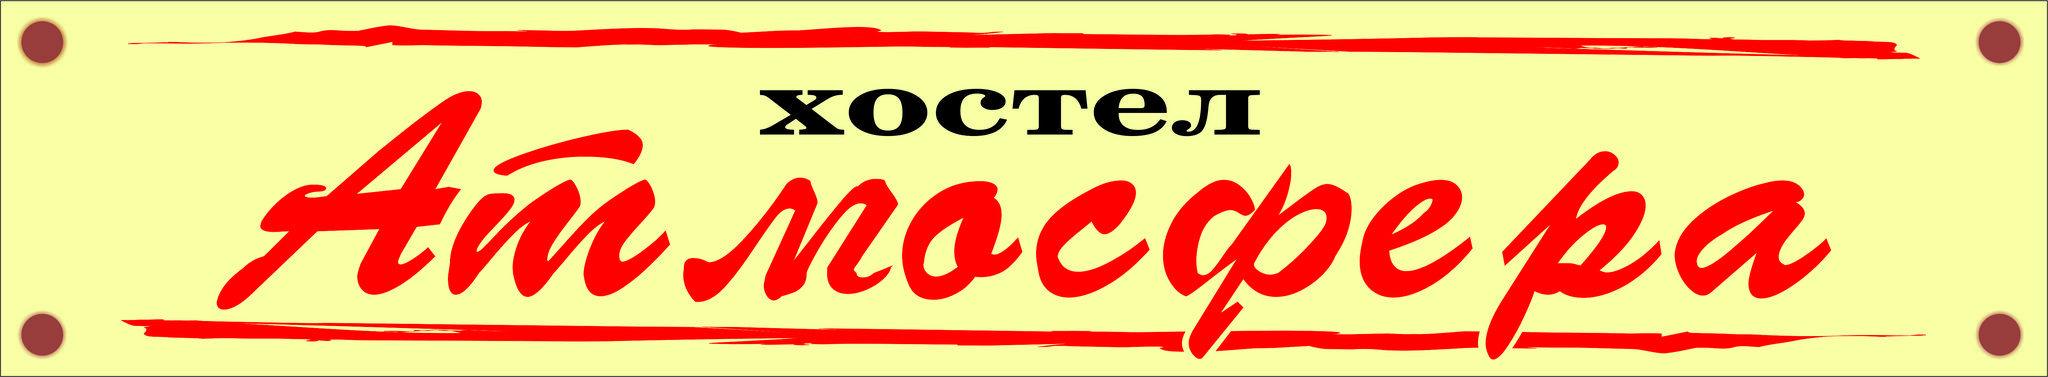 Atmosfera na Voikovskoy